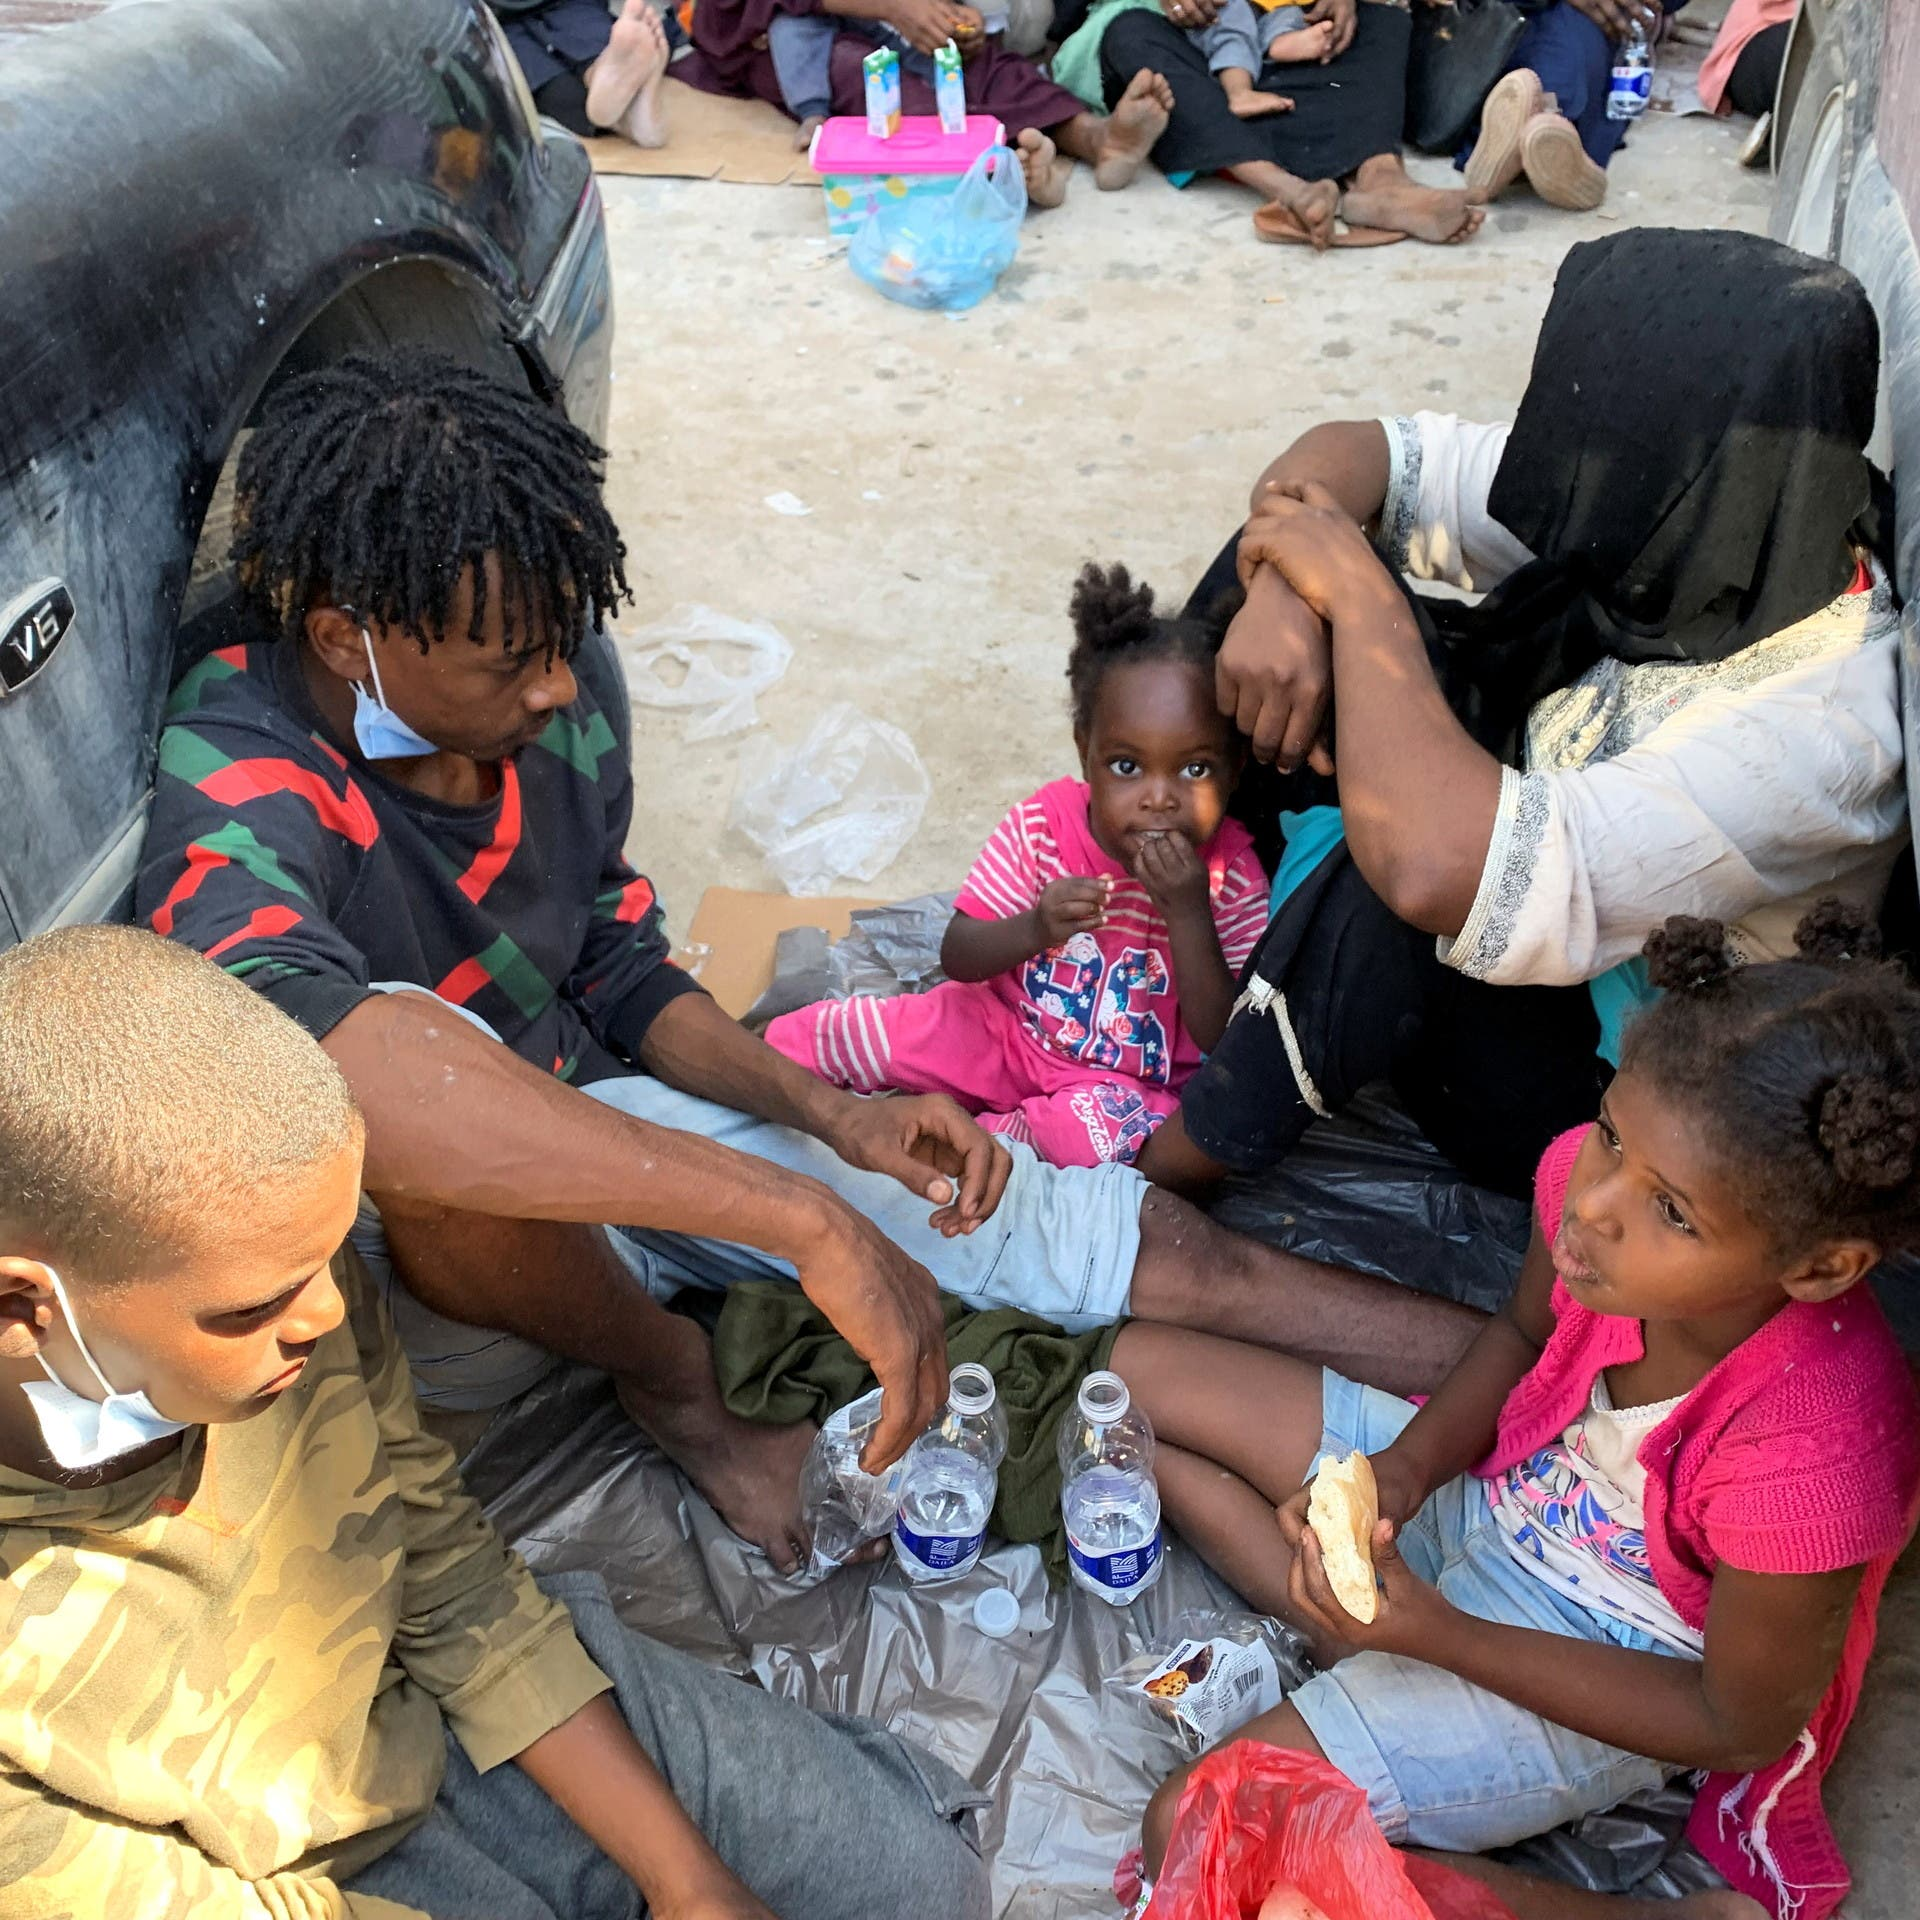 مهاجرون في ليبيا يستغيثون: نعامل كمجرمين